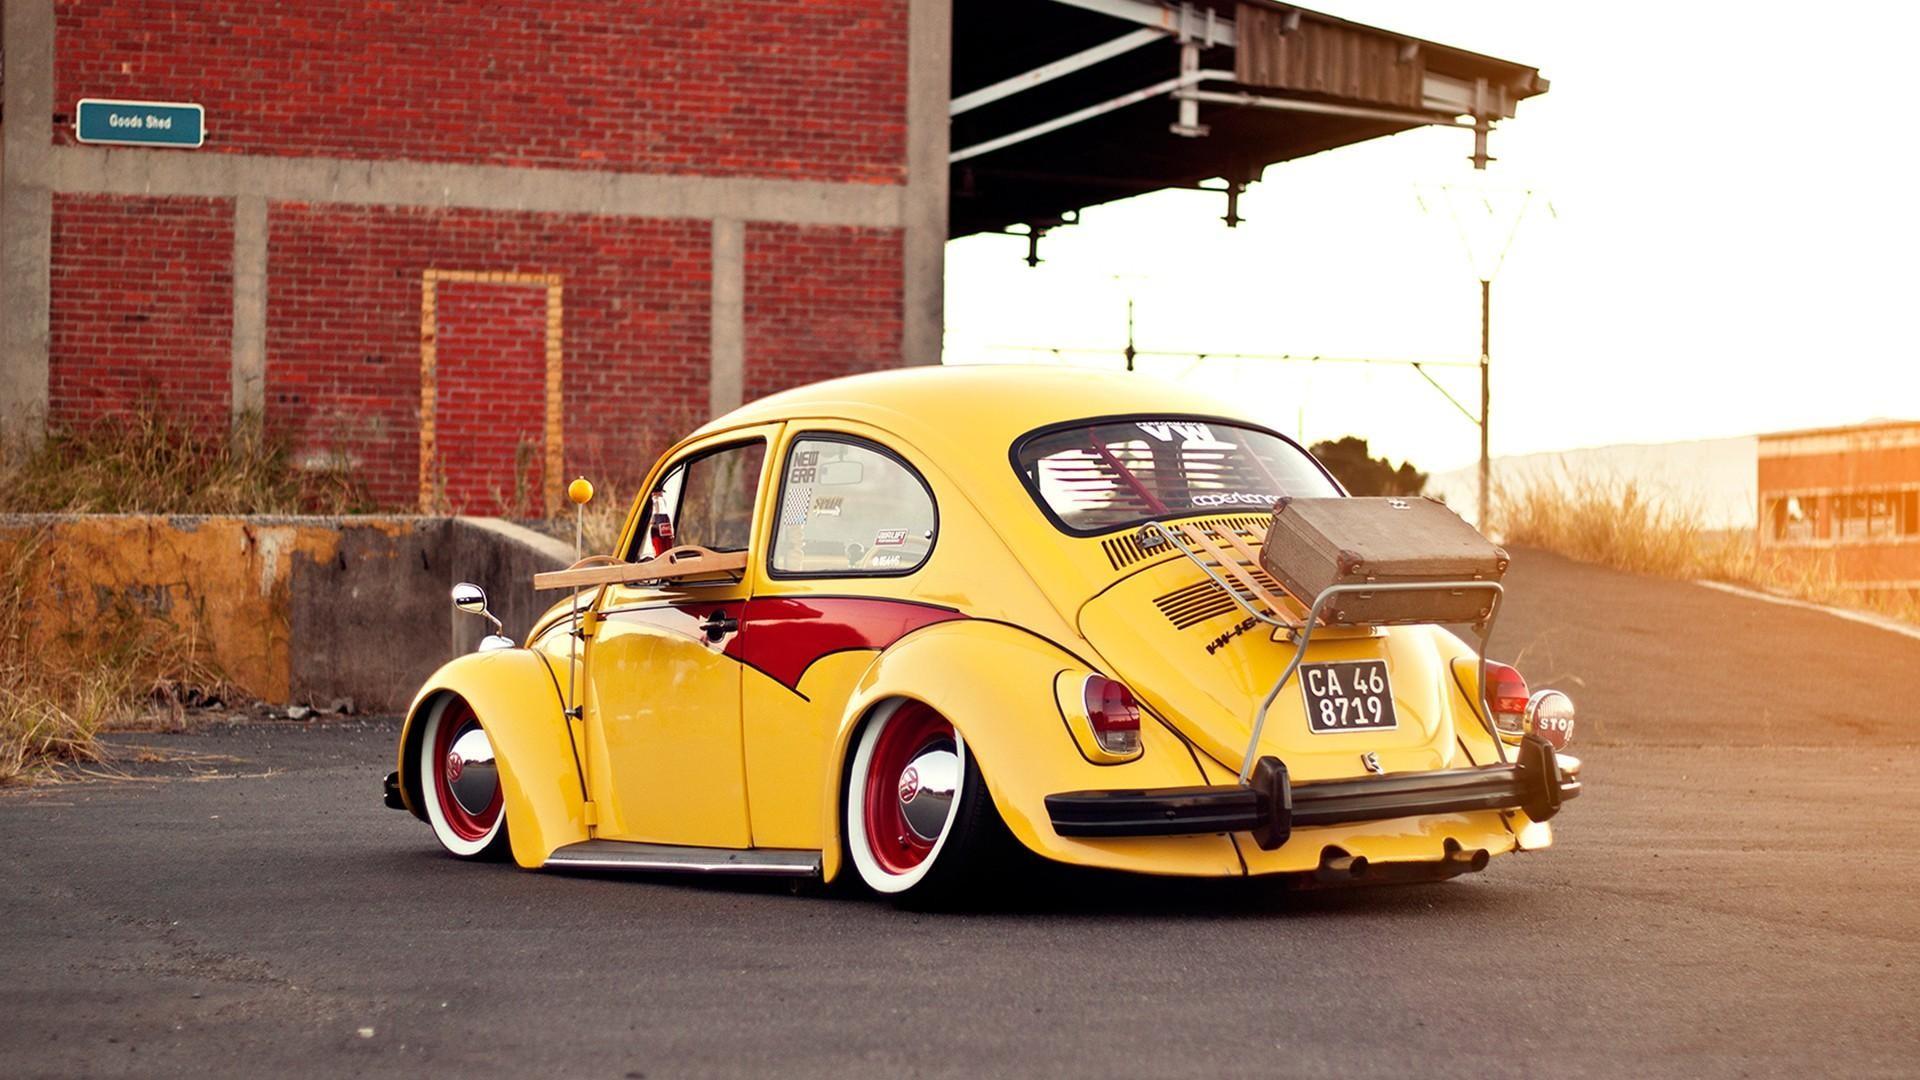 Res: 1920x1080, 0 2560x1600 Volkswagen Beetle Wallpapers  Volkswagen Beetle  Wallpapers HD Downlo